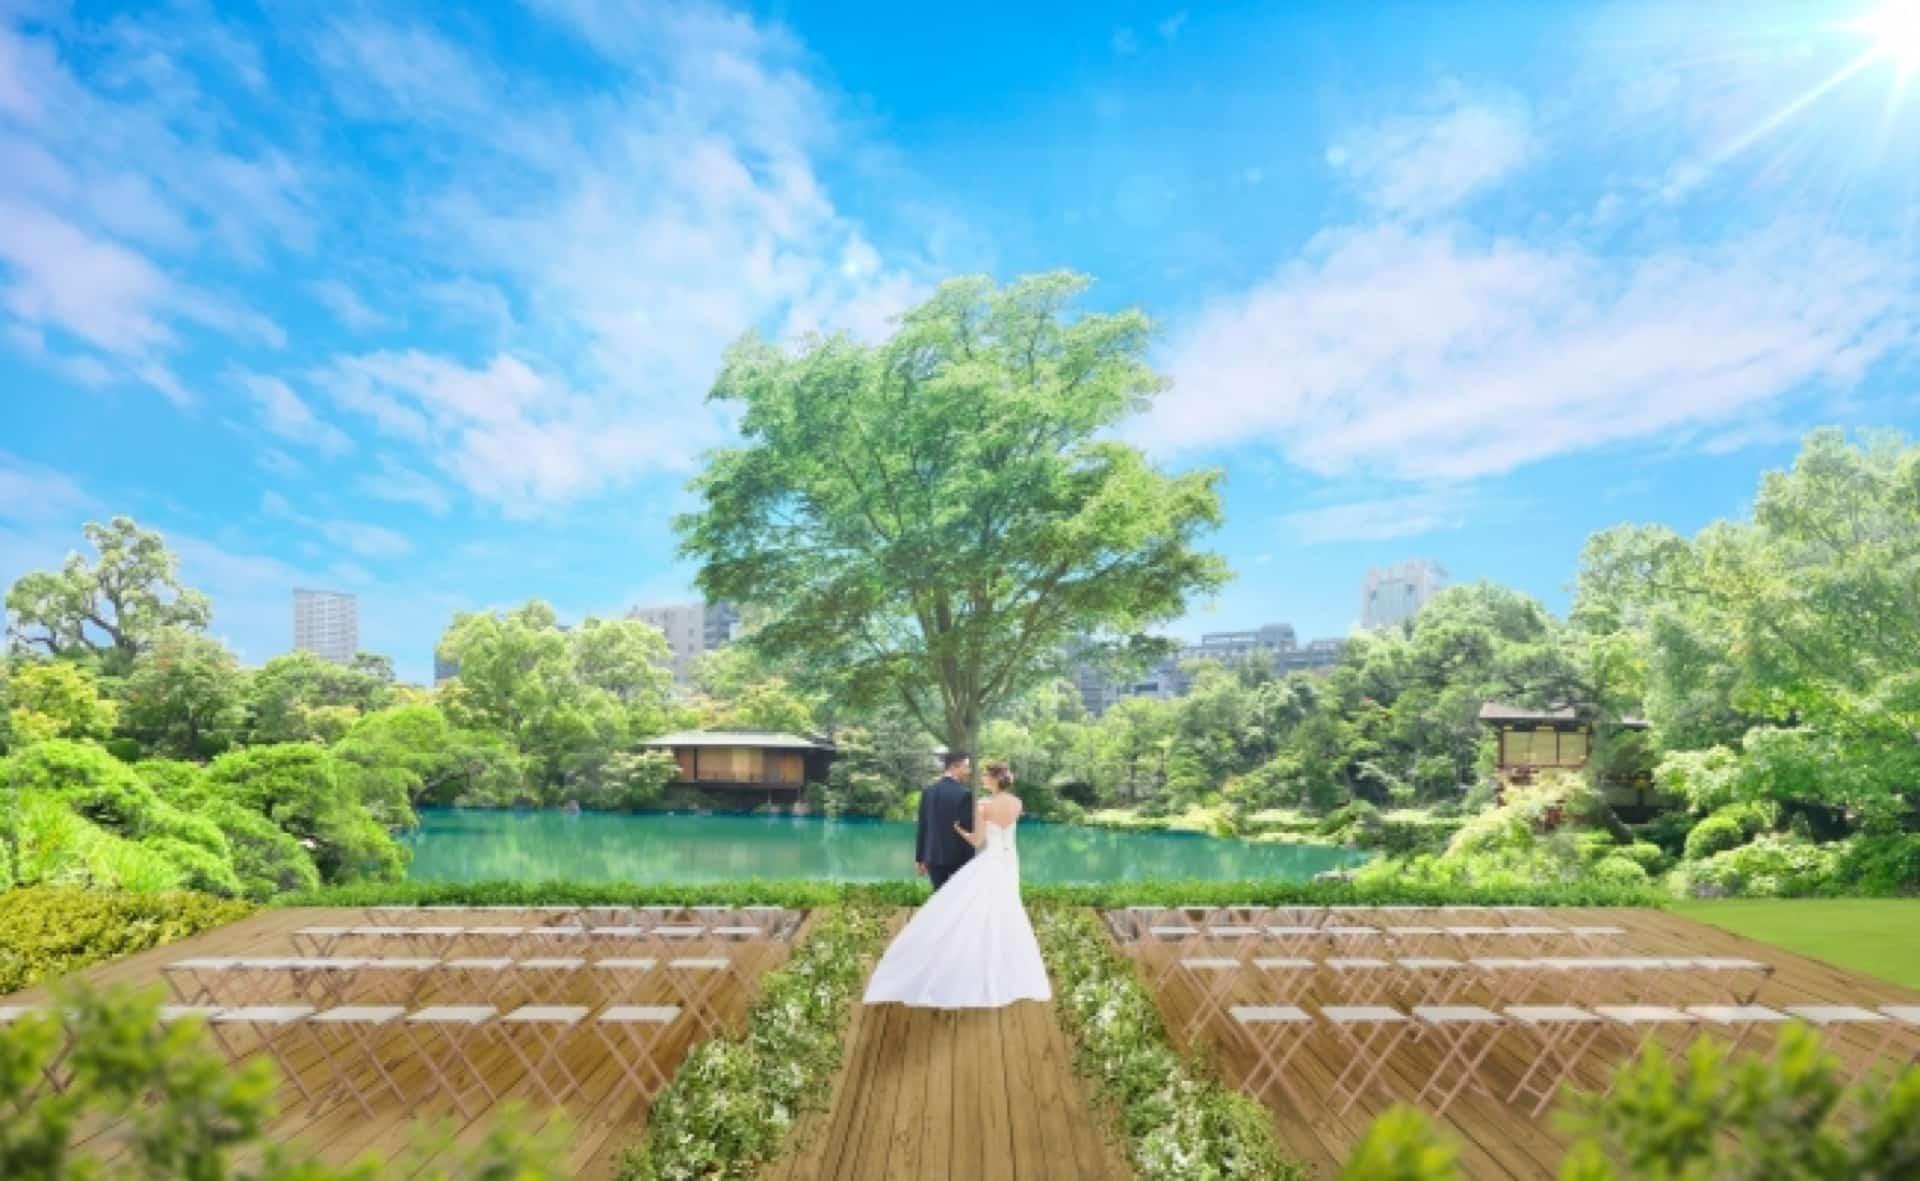 相楽園会館が「THE SORAKUEN」としてリニューアル!1日2組限定の結婚式が叶う